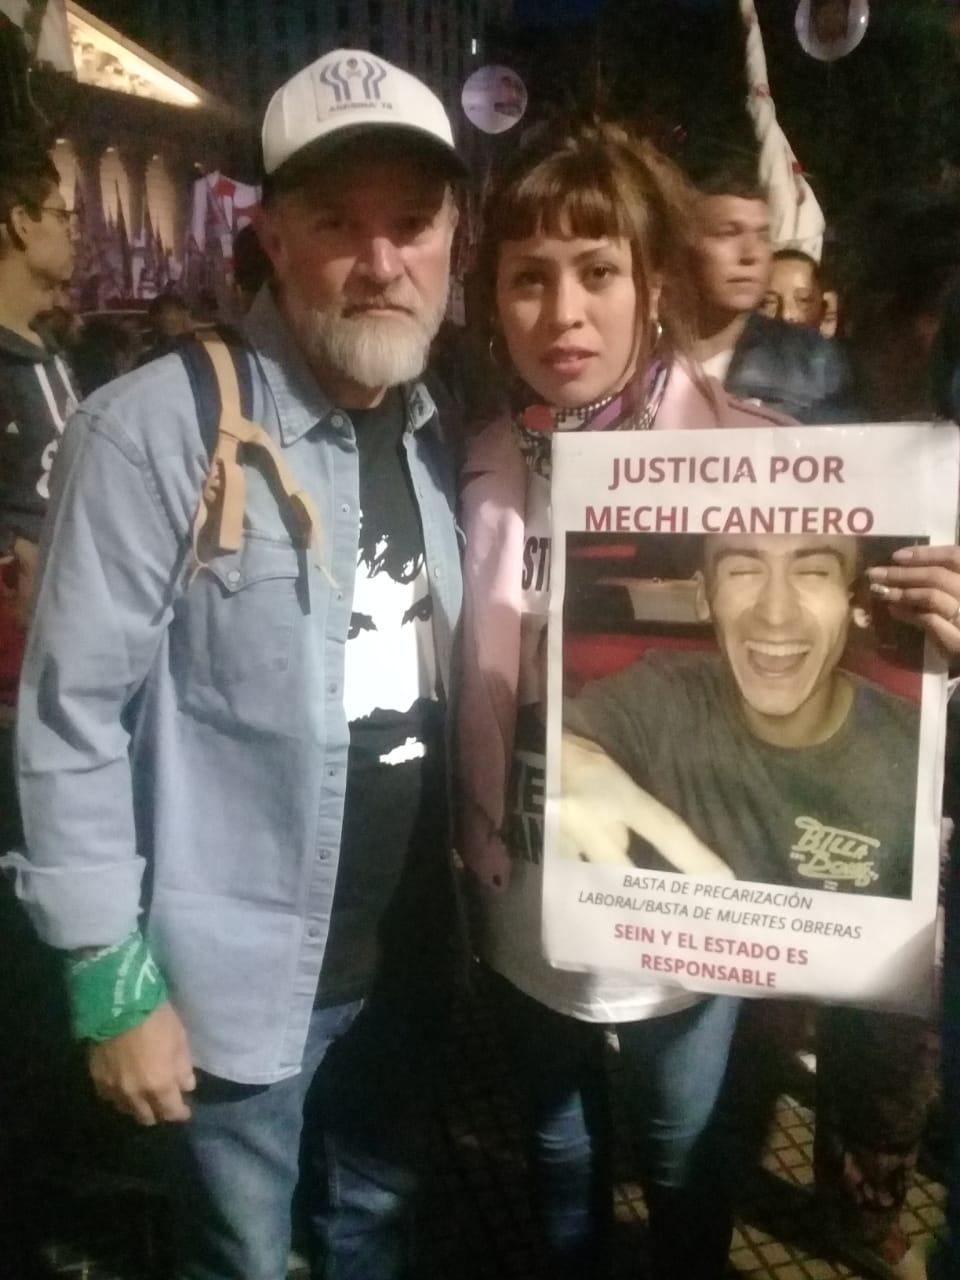 Sergio Maldonado Mechi Cantero